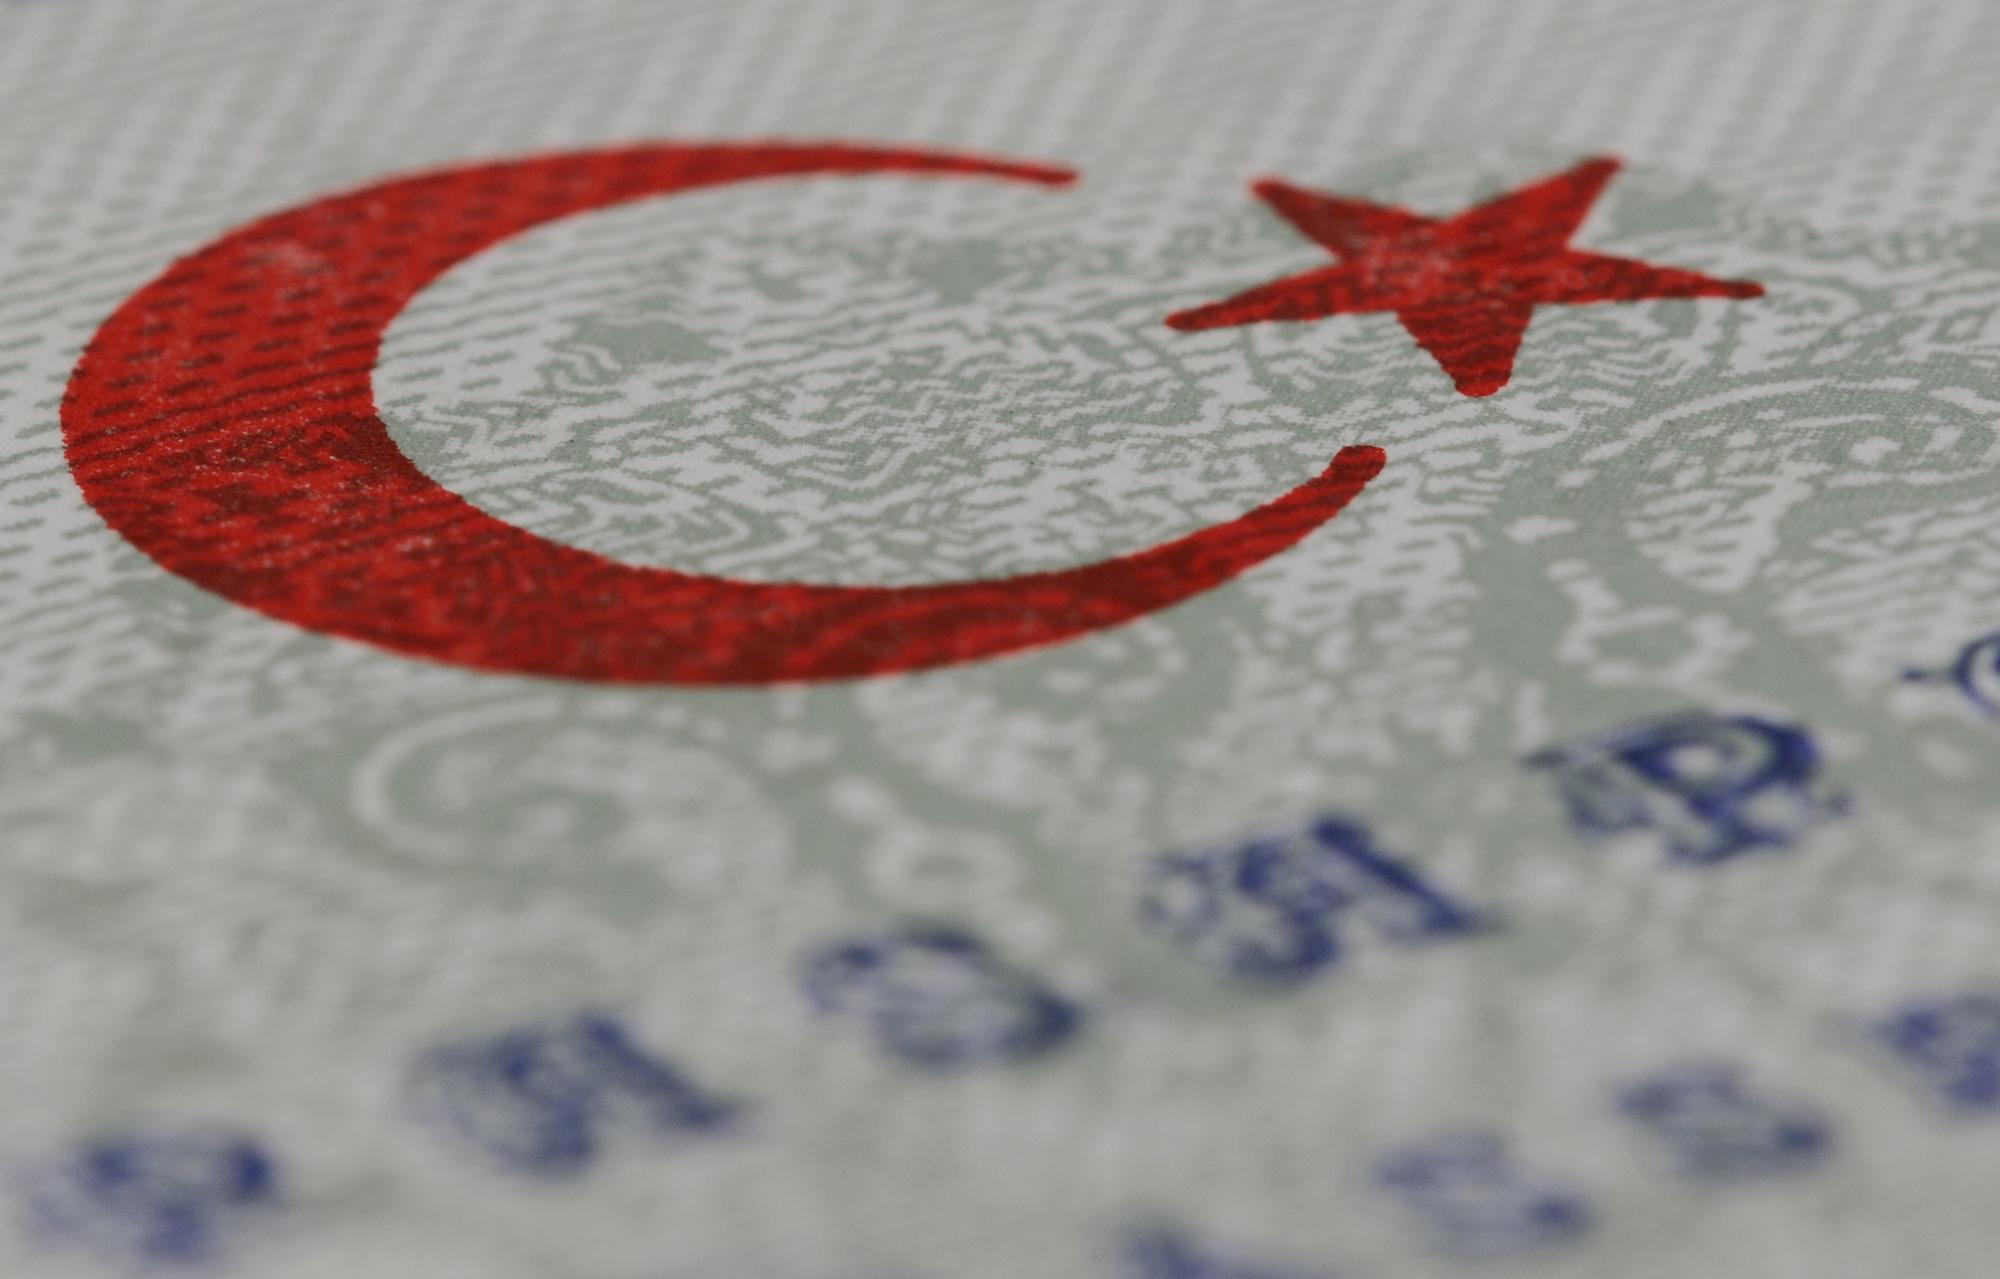 Turkey to Get Free Shengen Visas Despite